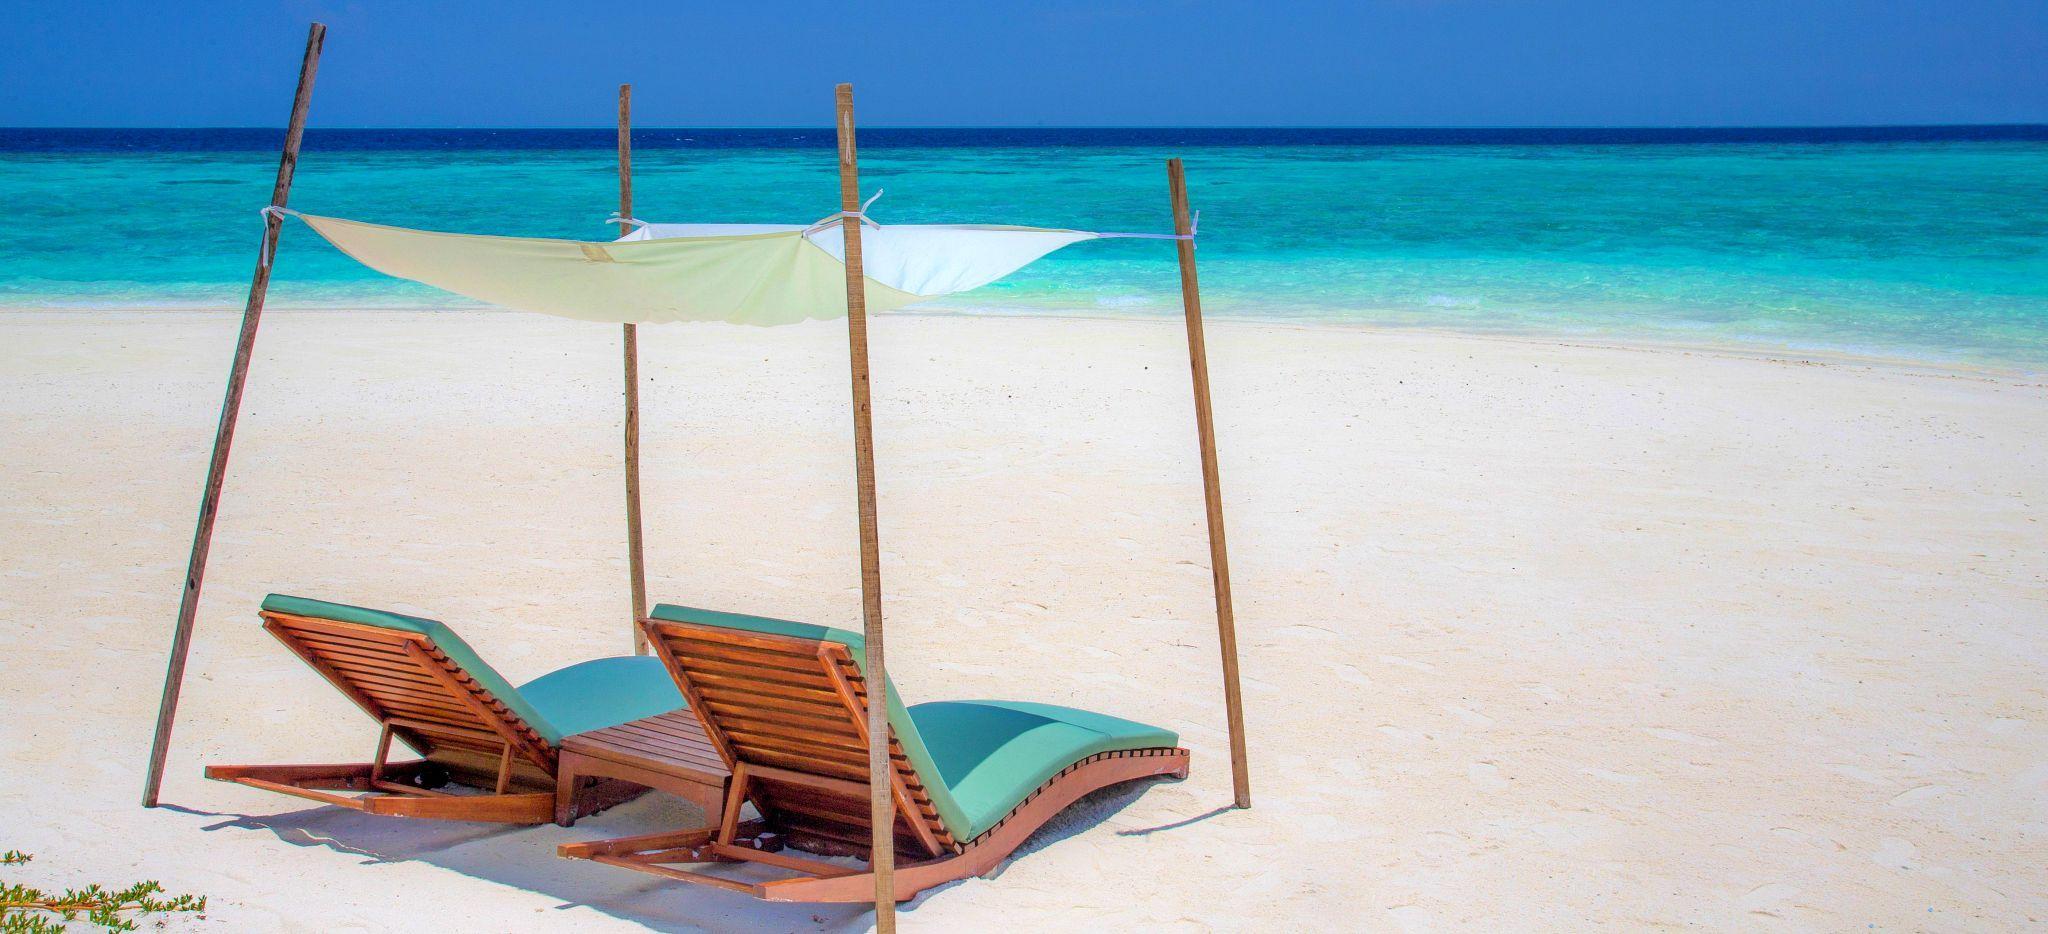 Zwei Strandliegen mit Sonnensegeln an einem unberührten Malediven-Strand